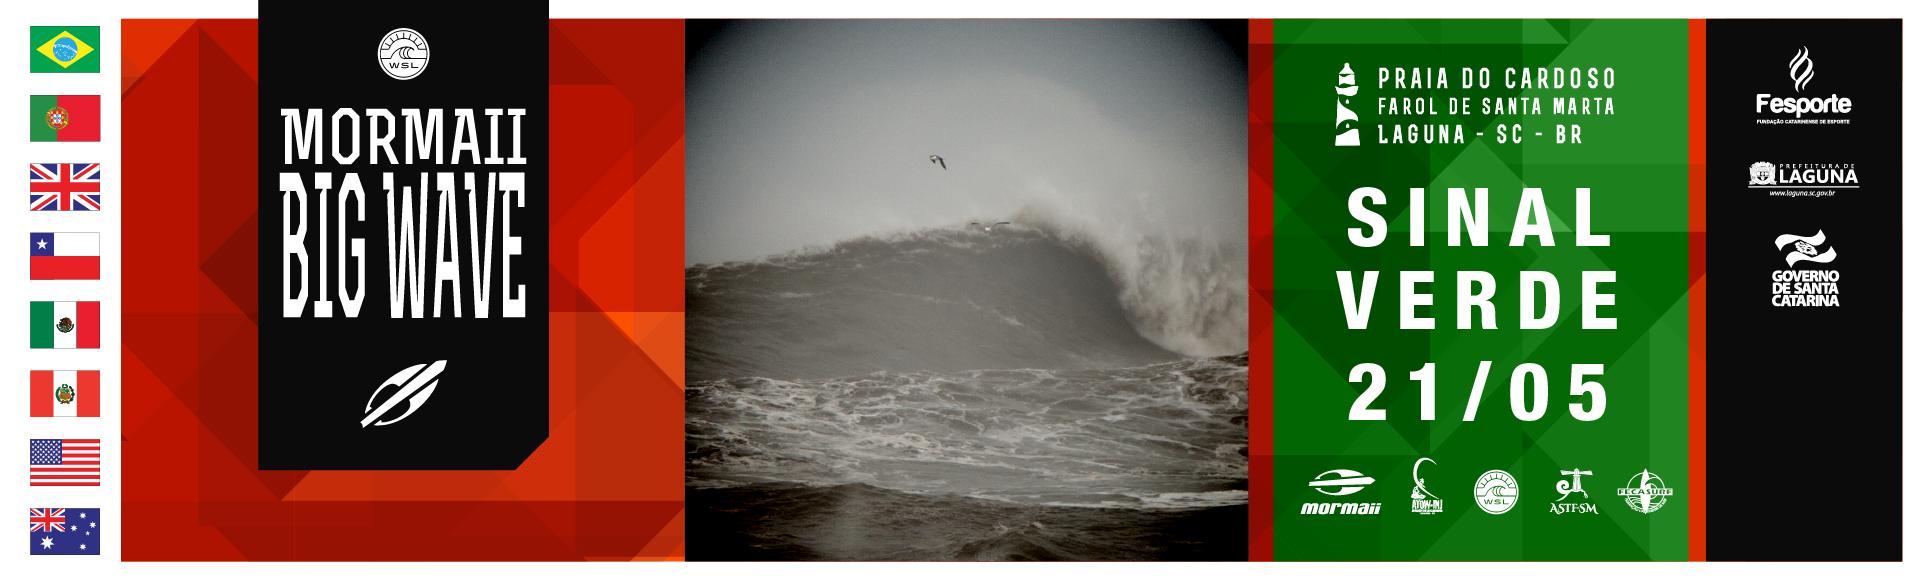 Big Wave - Ondas Grandes